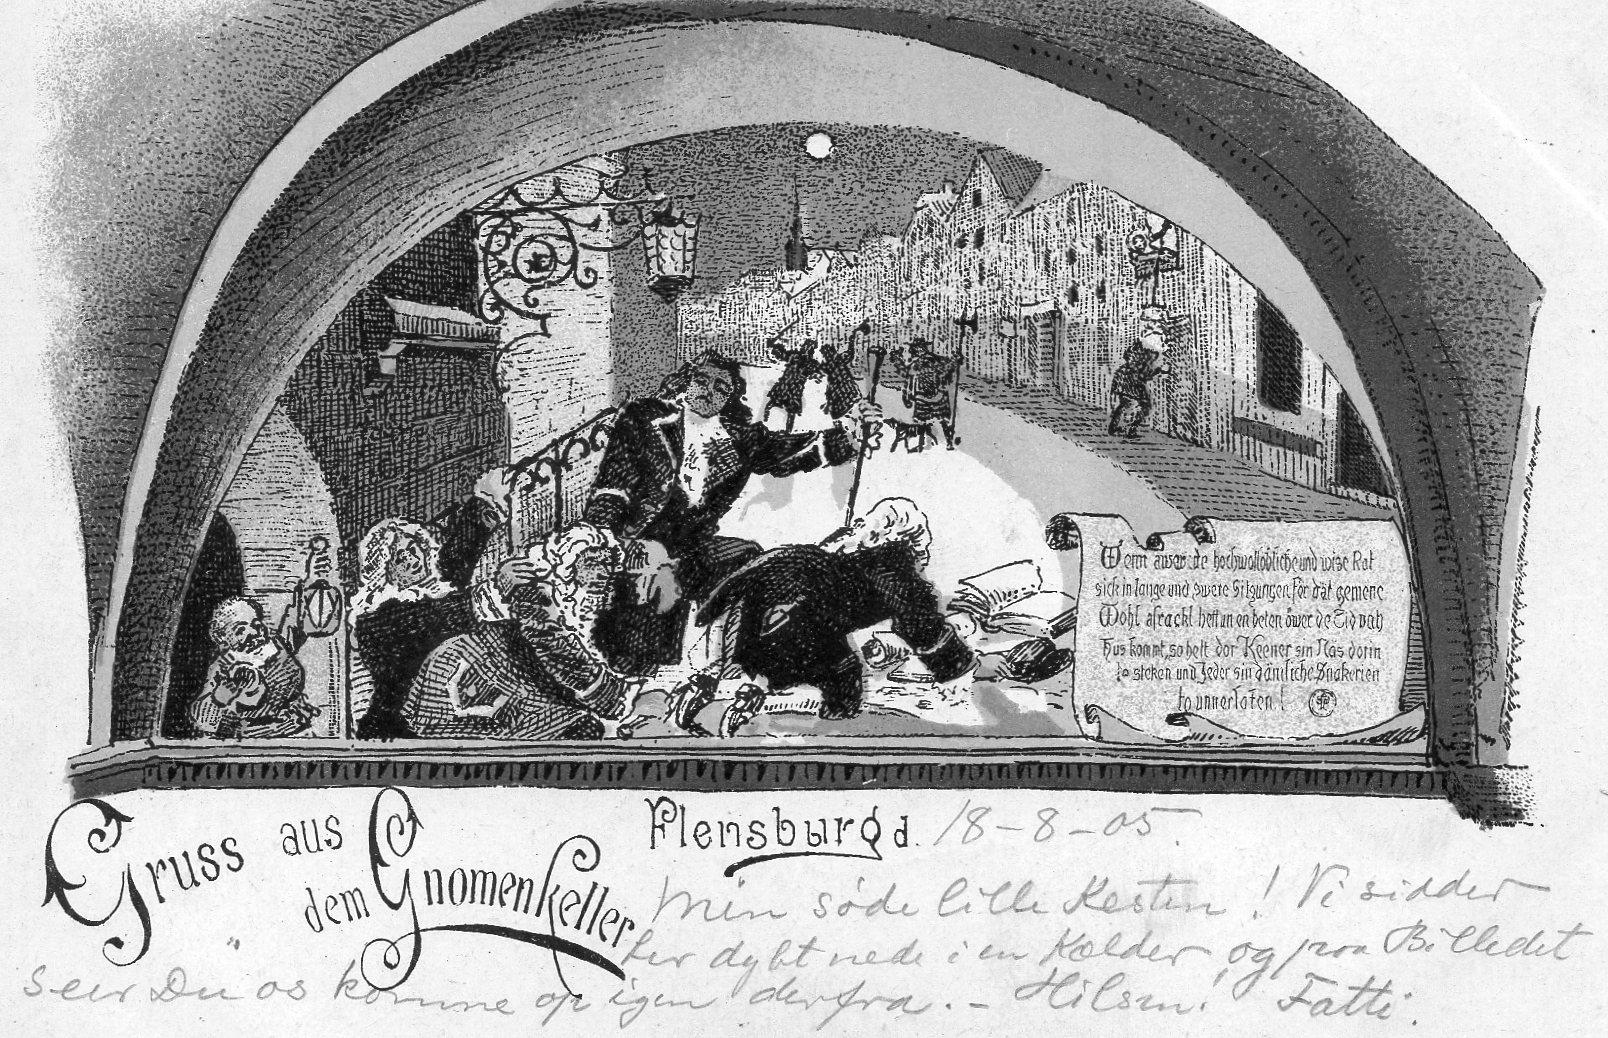 Flensburg Gnomenkeller